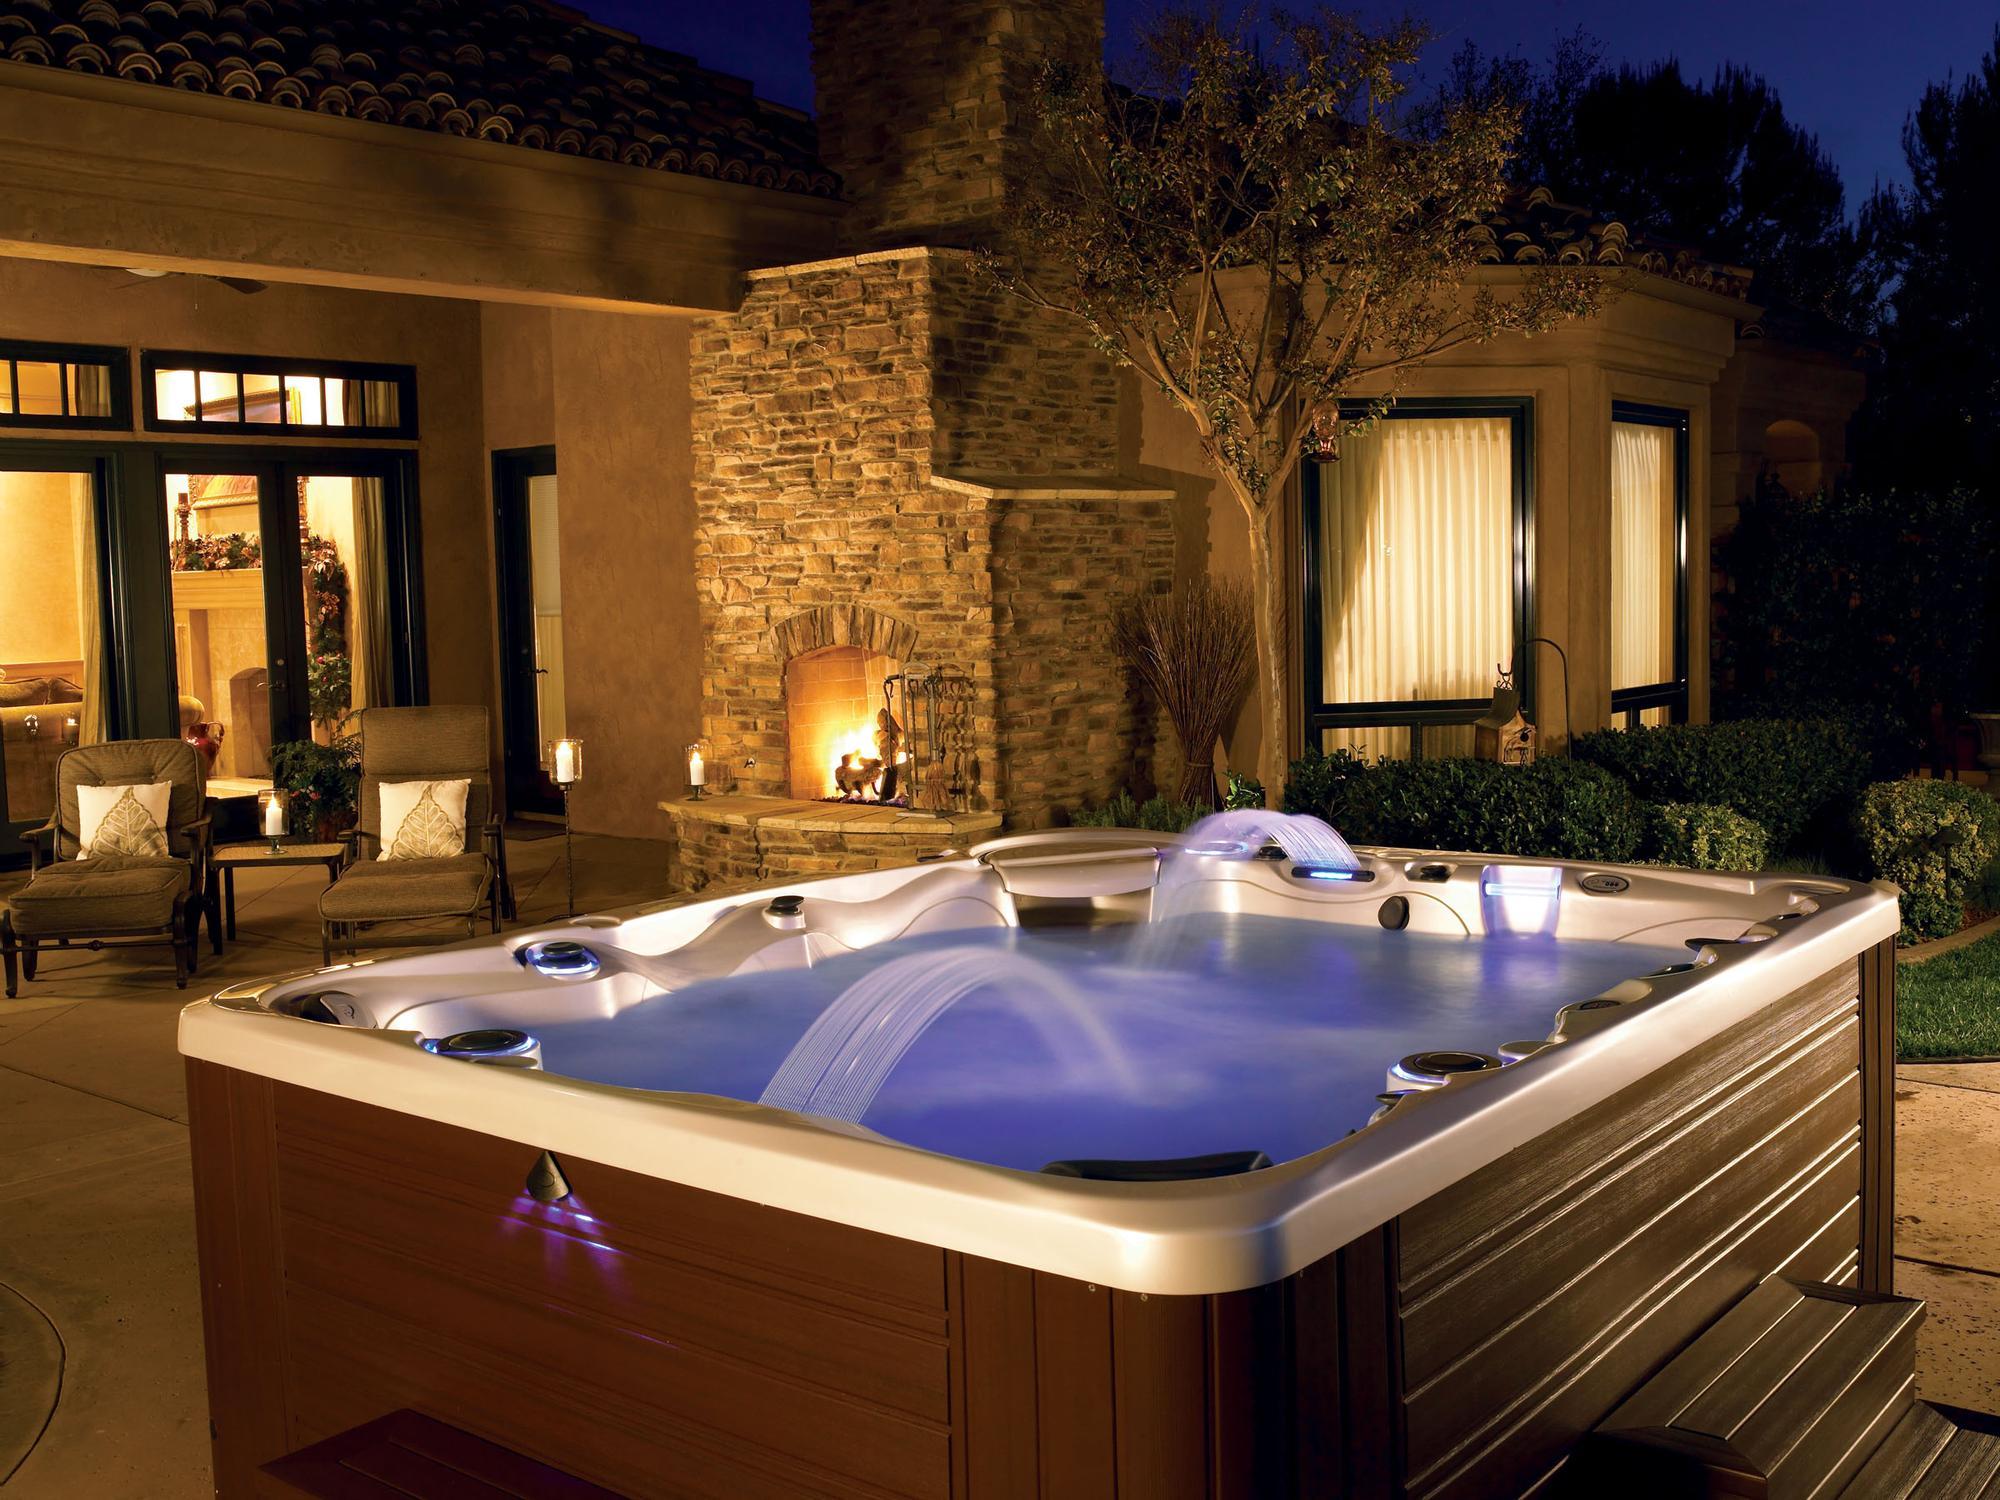 Home Gadget Expo Colorado Springs Co